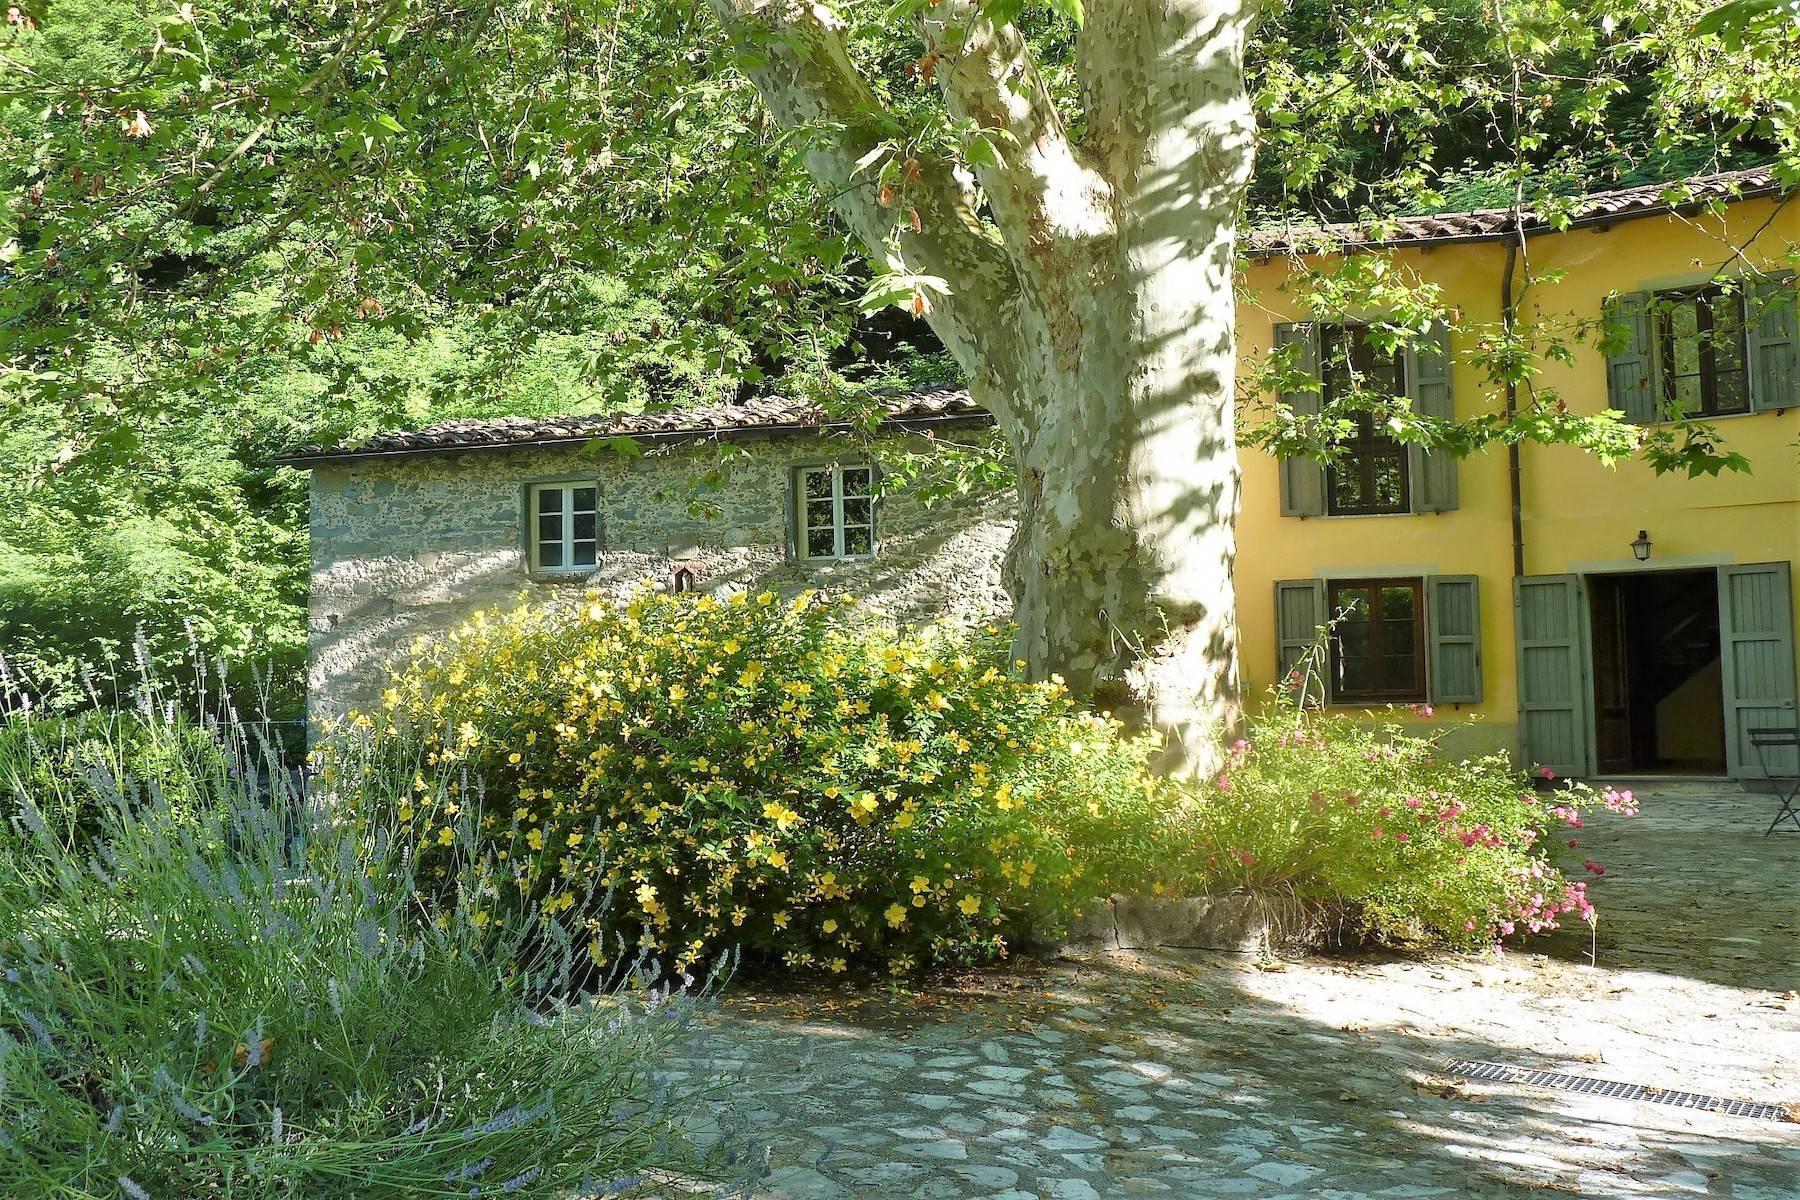 Maison de campagne enchantée sur les collines autour de Lucca - 27